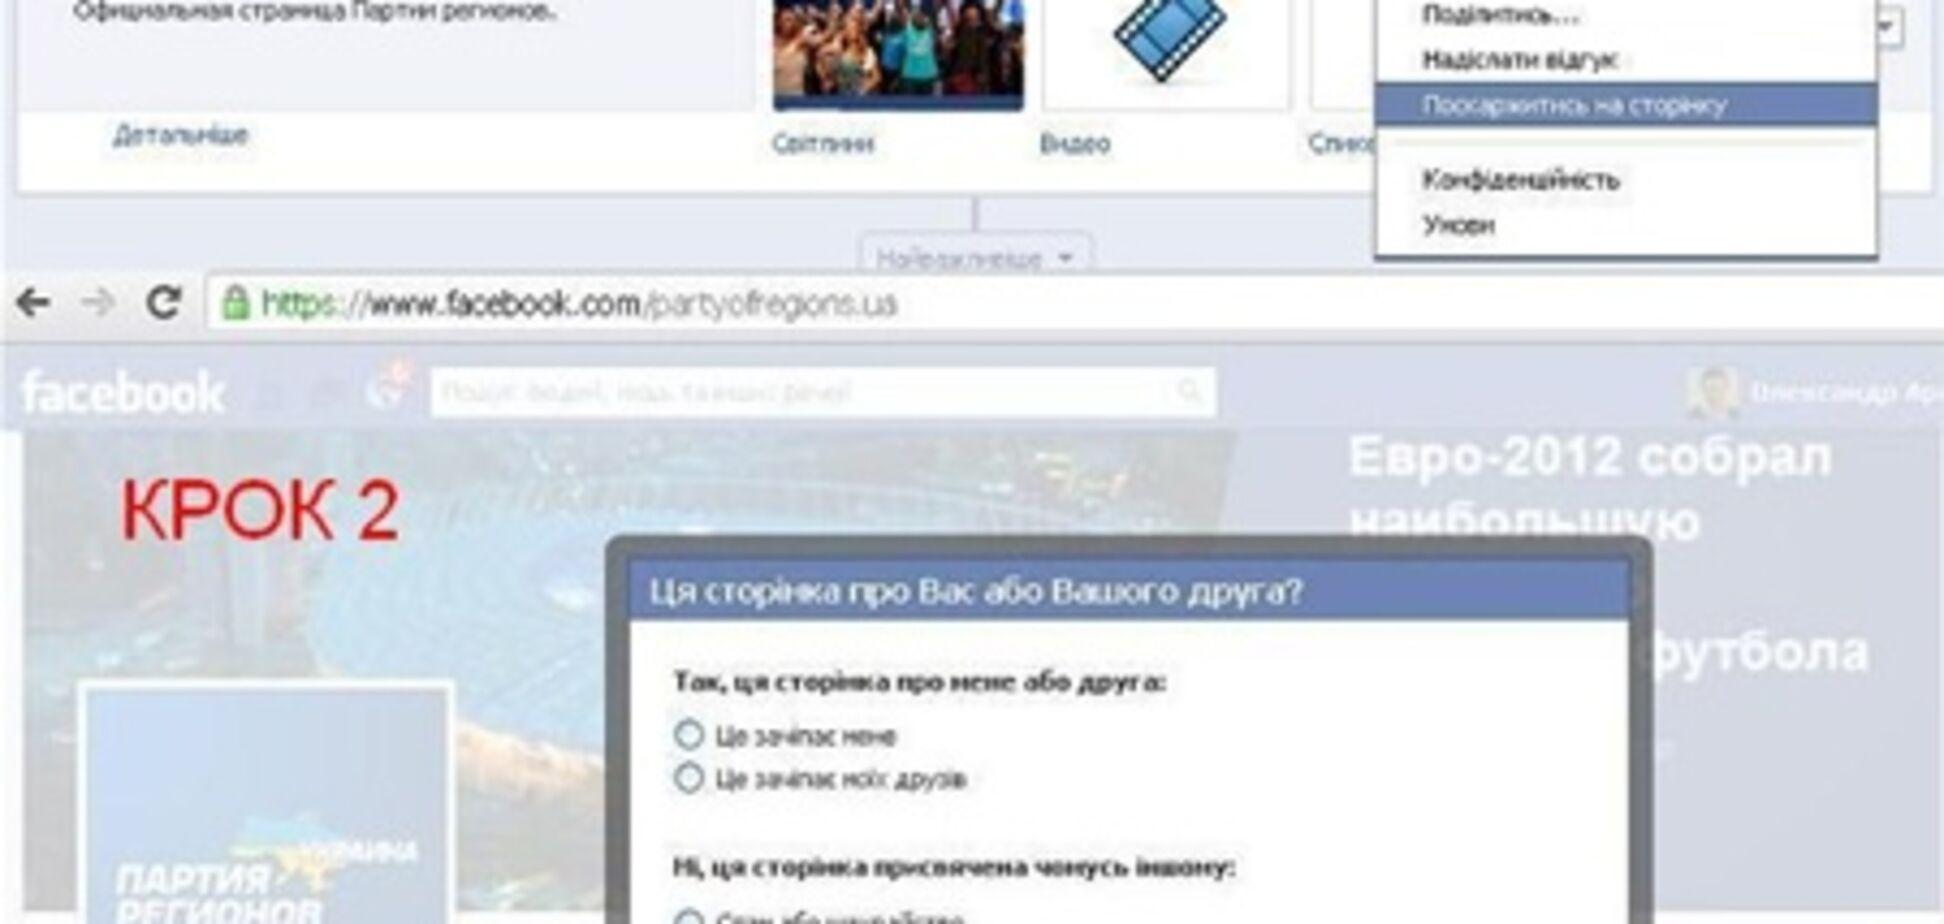 Пользователи Facebook призывают друг друга уничтожить страницу Партии регионов